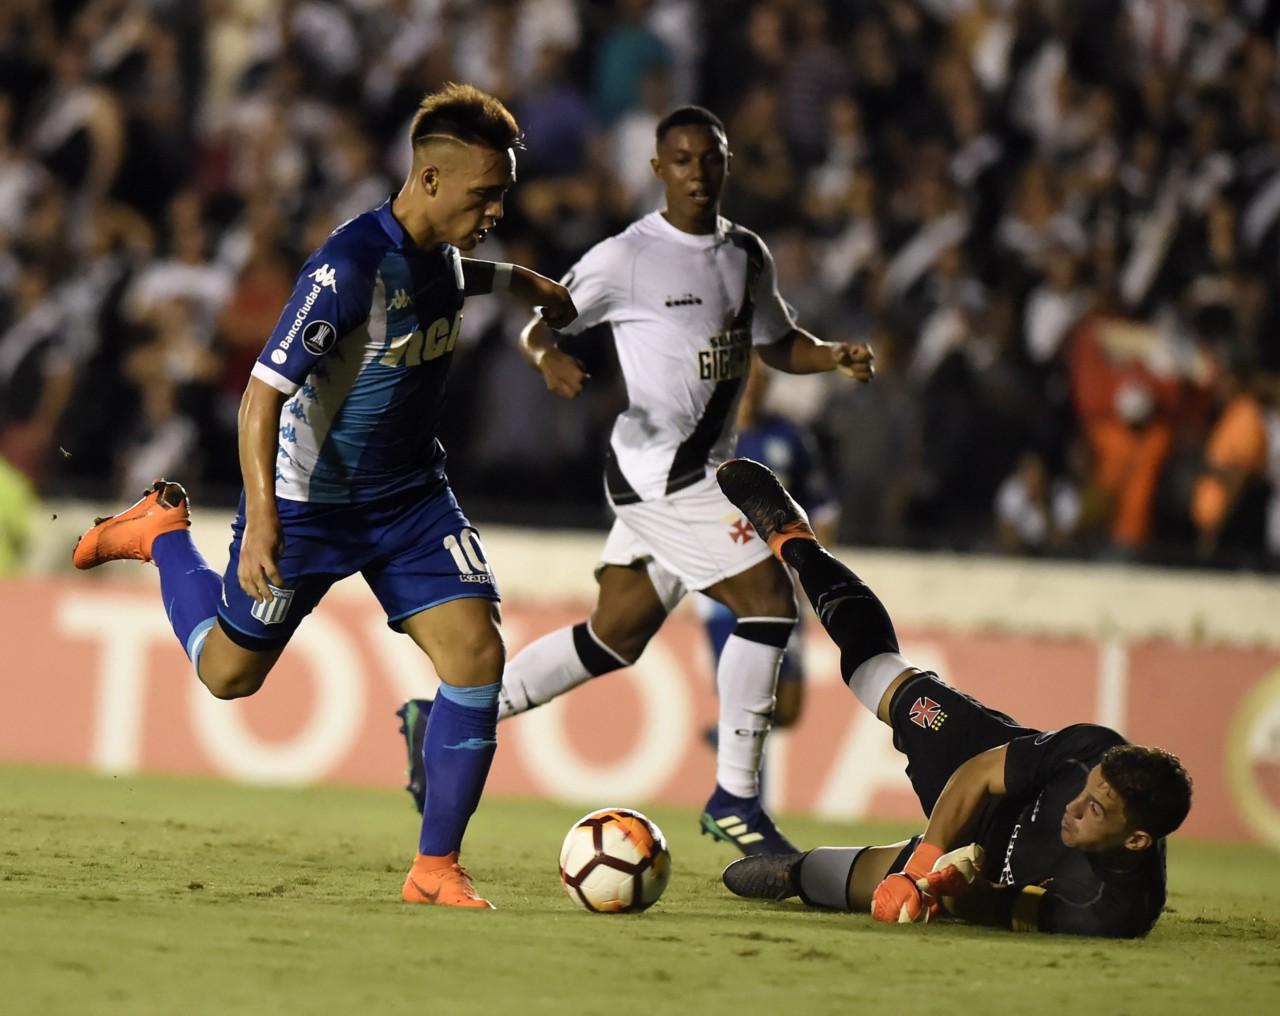 Vasco enfrenta o Racing em 2018: em sua última participação na Libertadores, time acabou eliminado na fase de grupos - André Durão